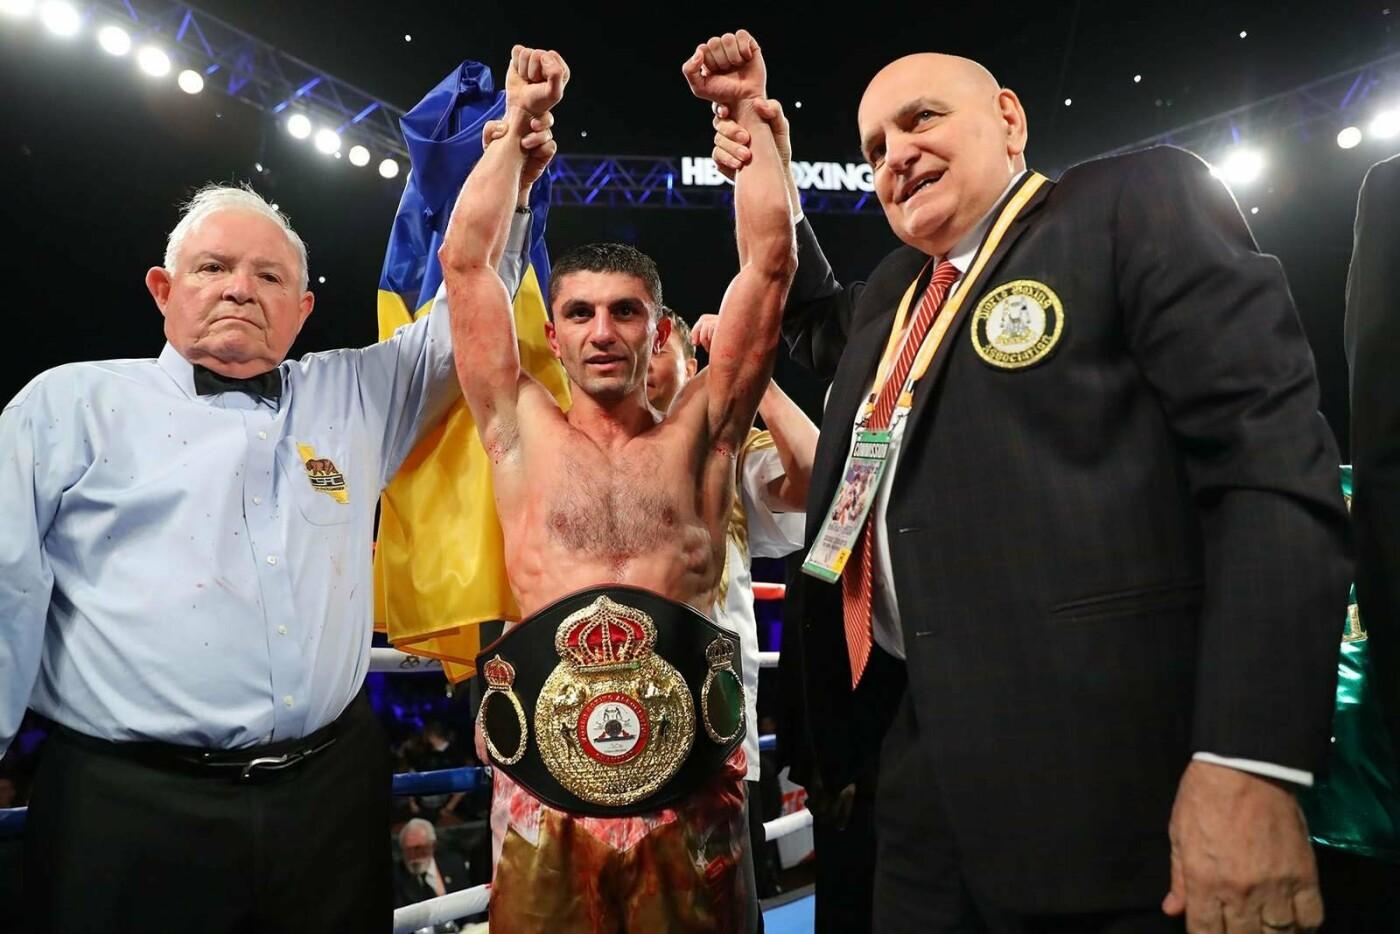 В Киеве состоится боксерский поединок за пояс чемпиона WBA, фото-1, Фото: union-boxing.com